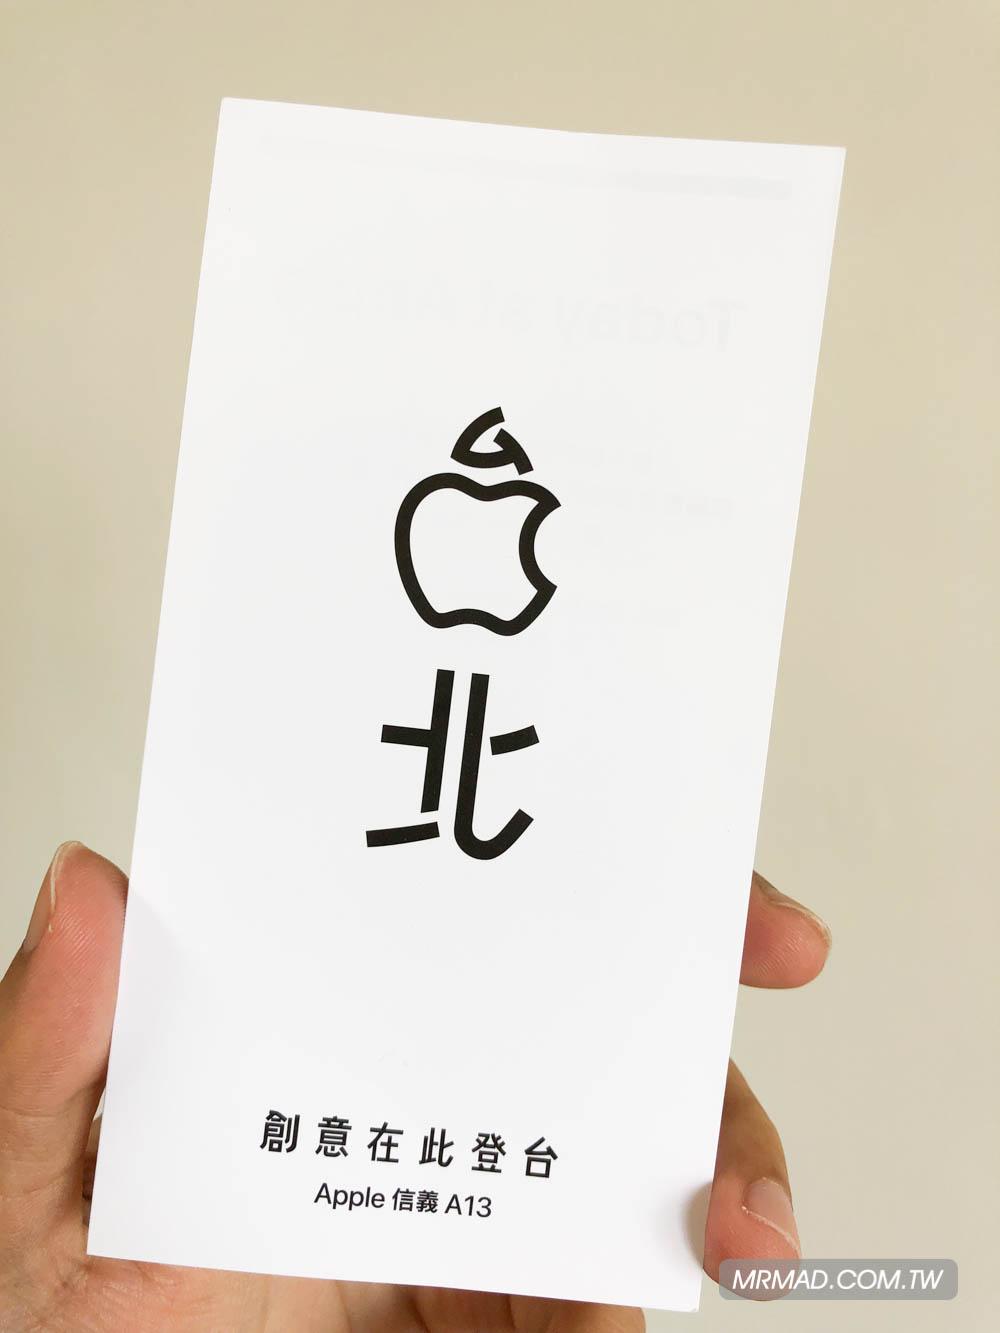 蘋果信義 A13 直營店開幕限量紀念品T Shirt 開箱